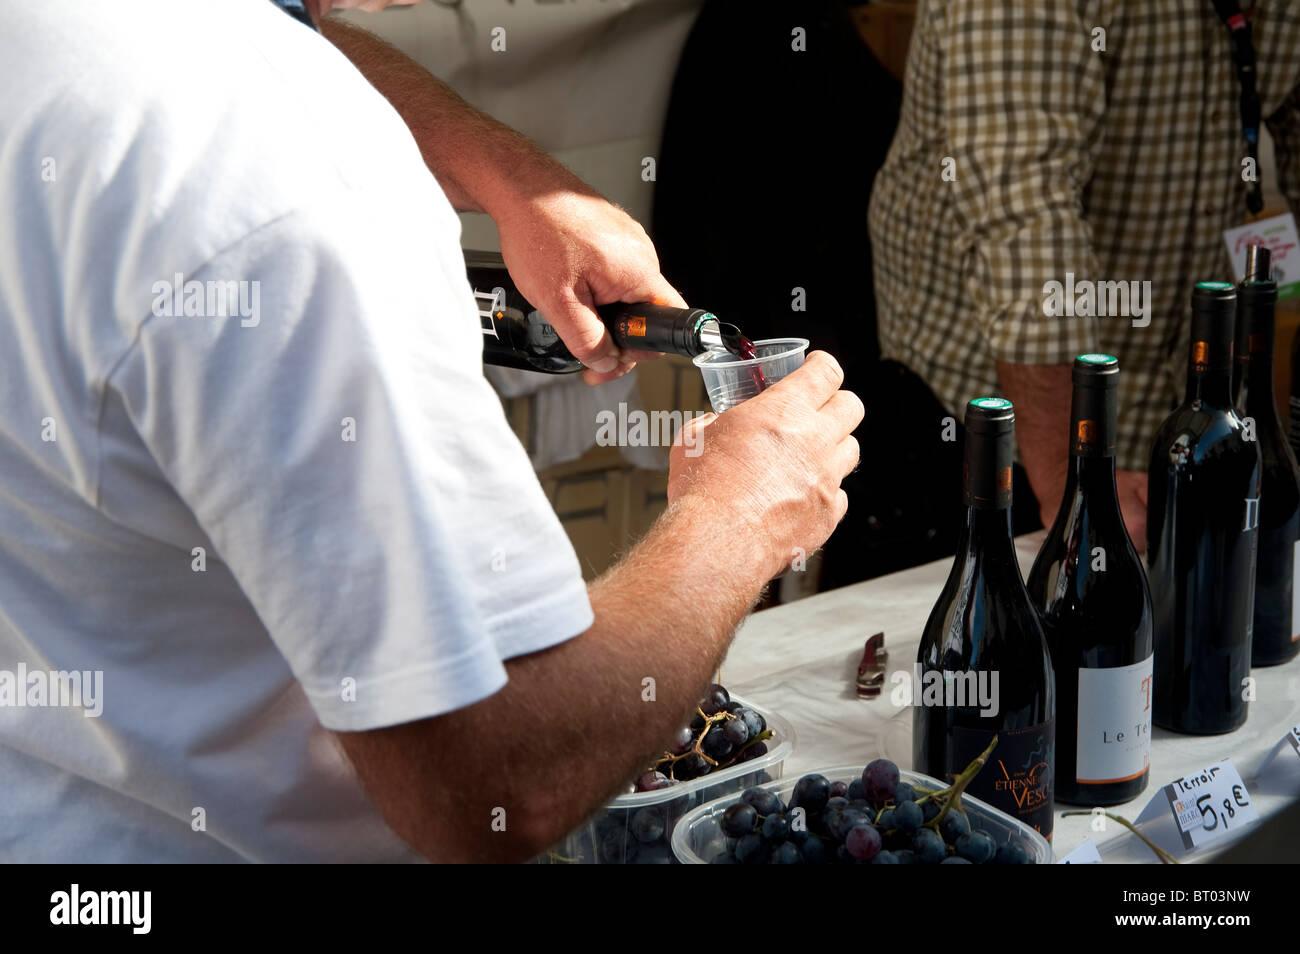 Fête des vendanges, grape harvest Festival in Montmartre, Paris, France Stock Photo